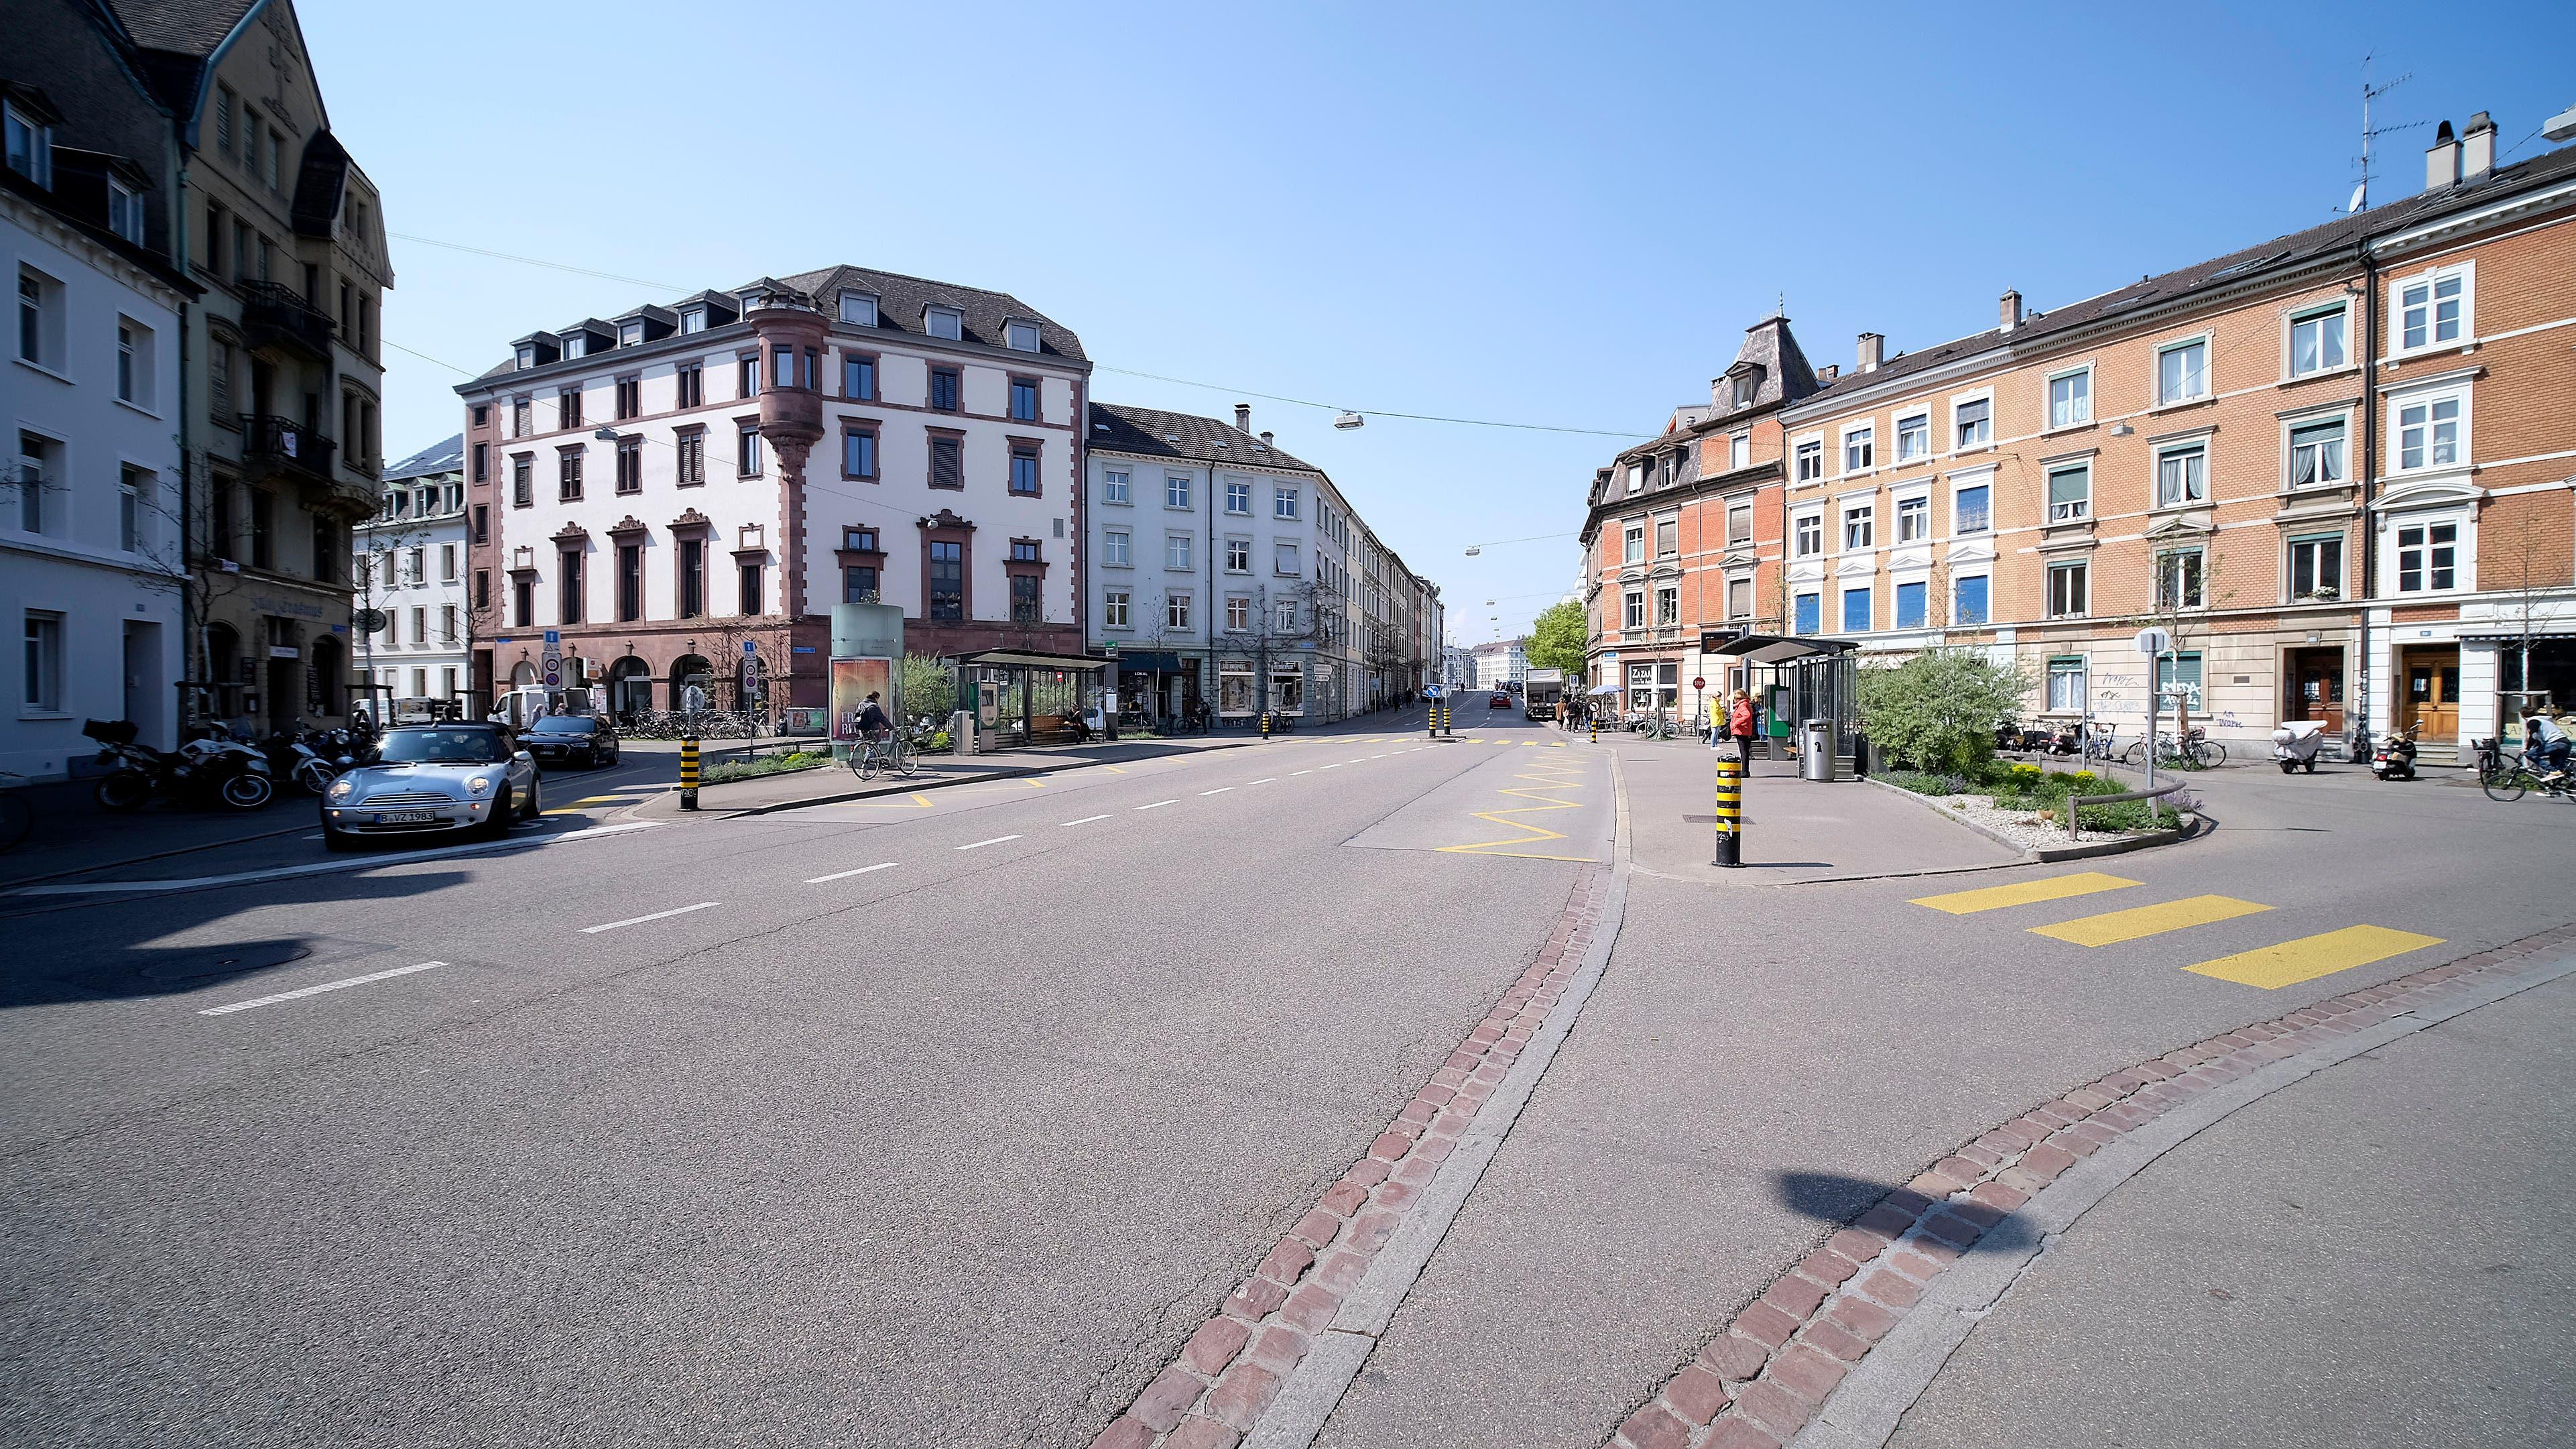 So leer ist der Platz direkt an der Johanniterbrücke selten. Die Feldbergstrasse ist ein wichtiger Strasse im Basler Stadtverkehr.